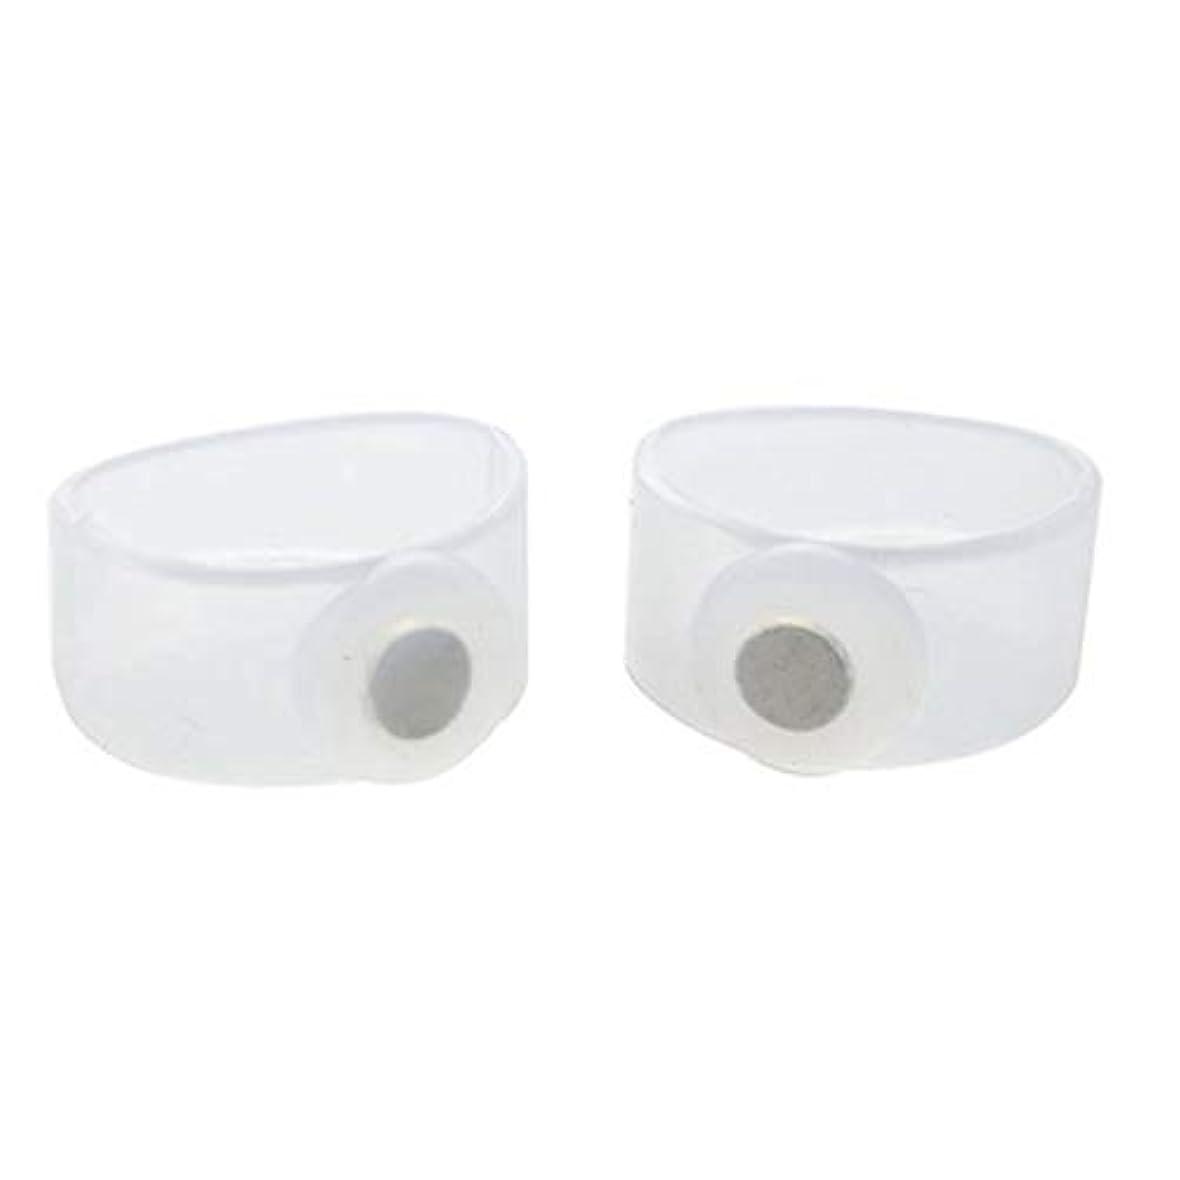 提供された消費者おじいちゃん2ピース痩身シリコン磁気フットマッサージャーマッサージリラックスつま先リング用減量ヘルスケアツール美容製品